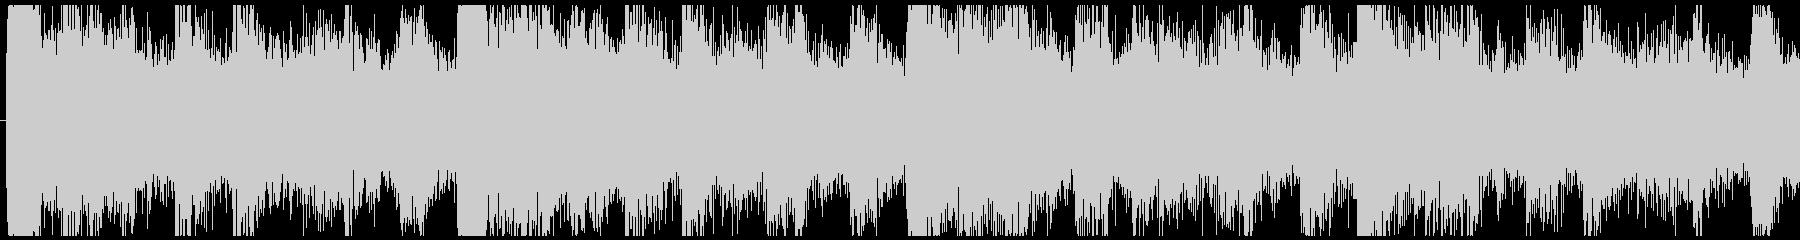 環境にやさしい事業紹介のCM曲-ループ4の未再生の波形